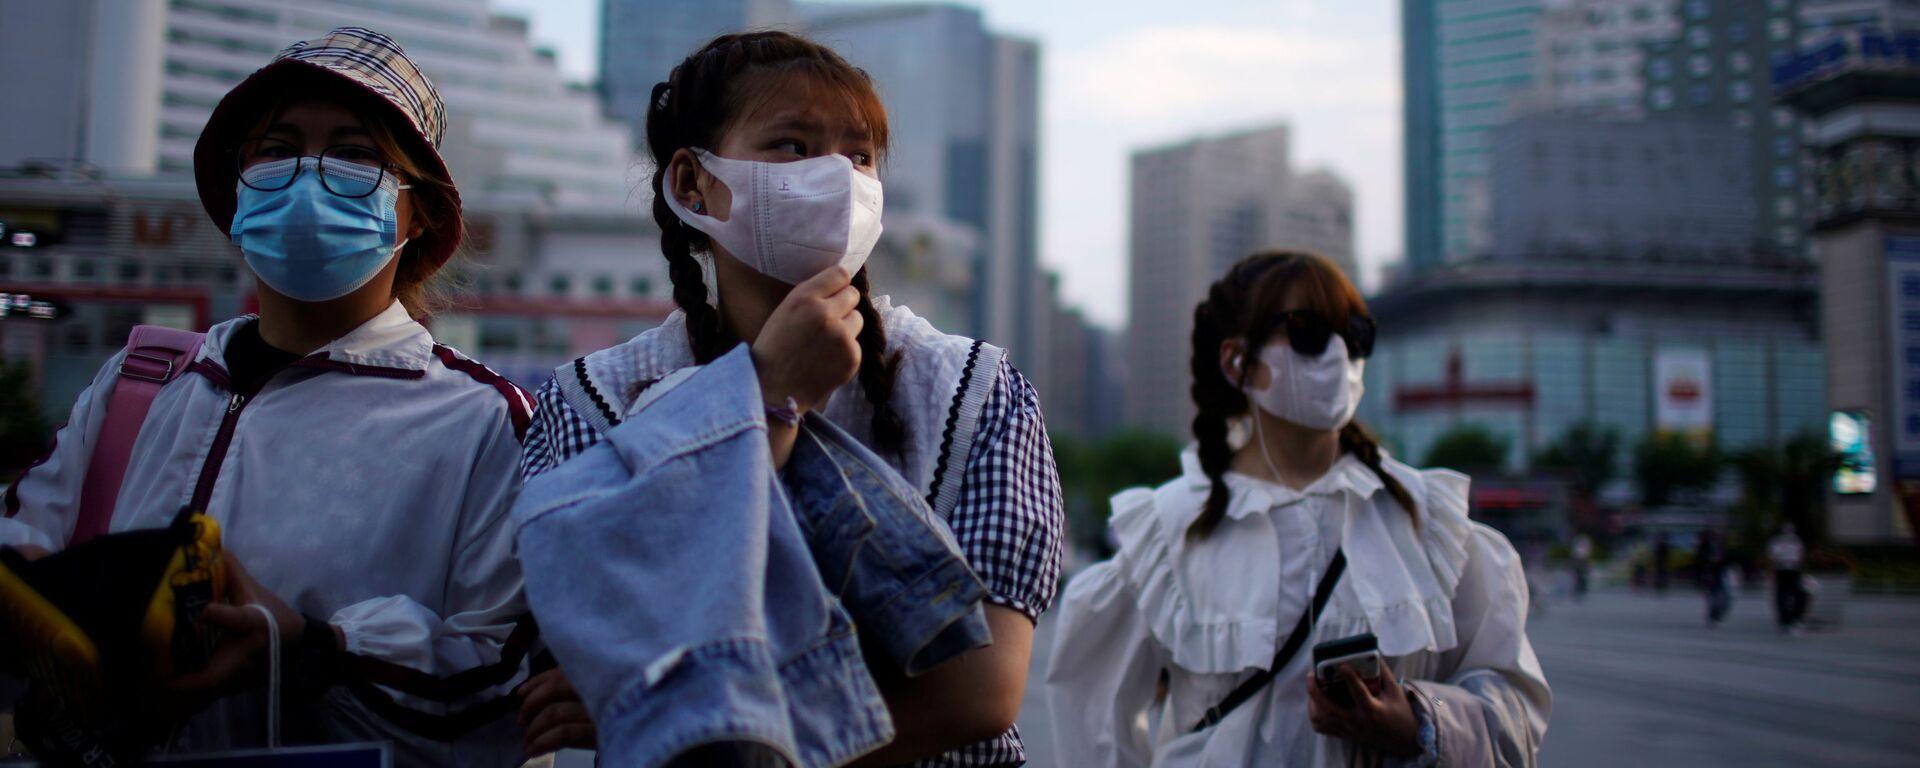 Пандемия коронавируса - жители Китая в масках - Sputnik Грузия, 1920, 29.08.2021